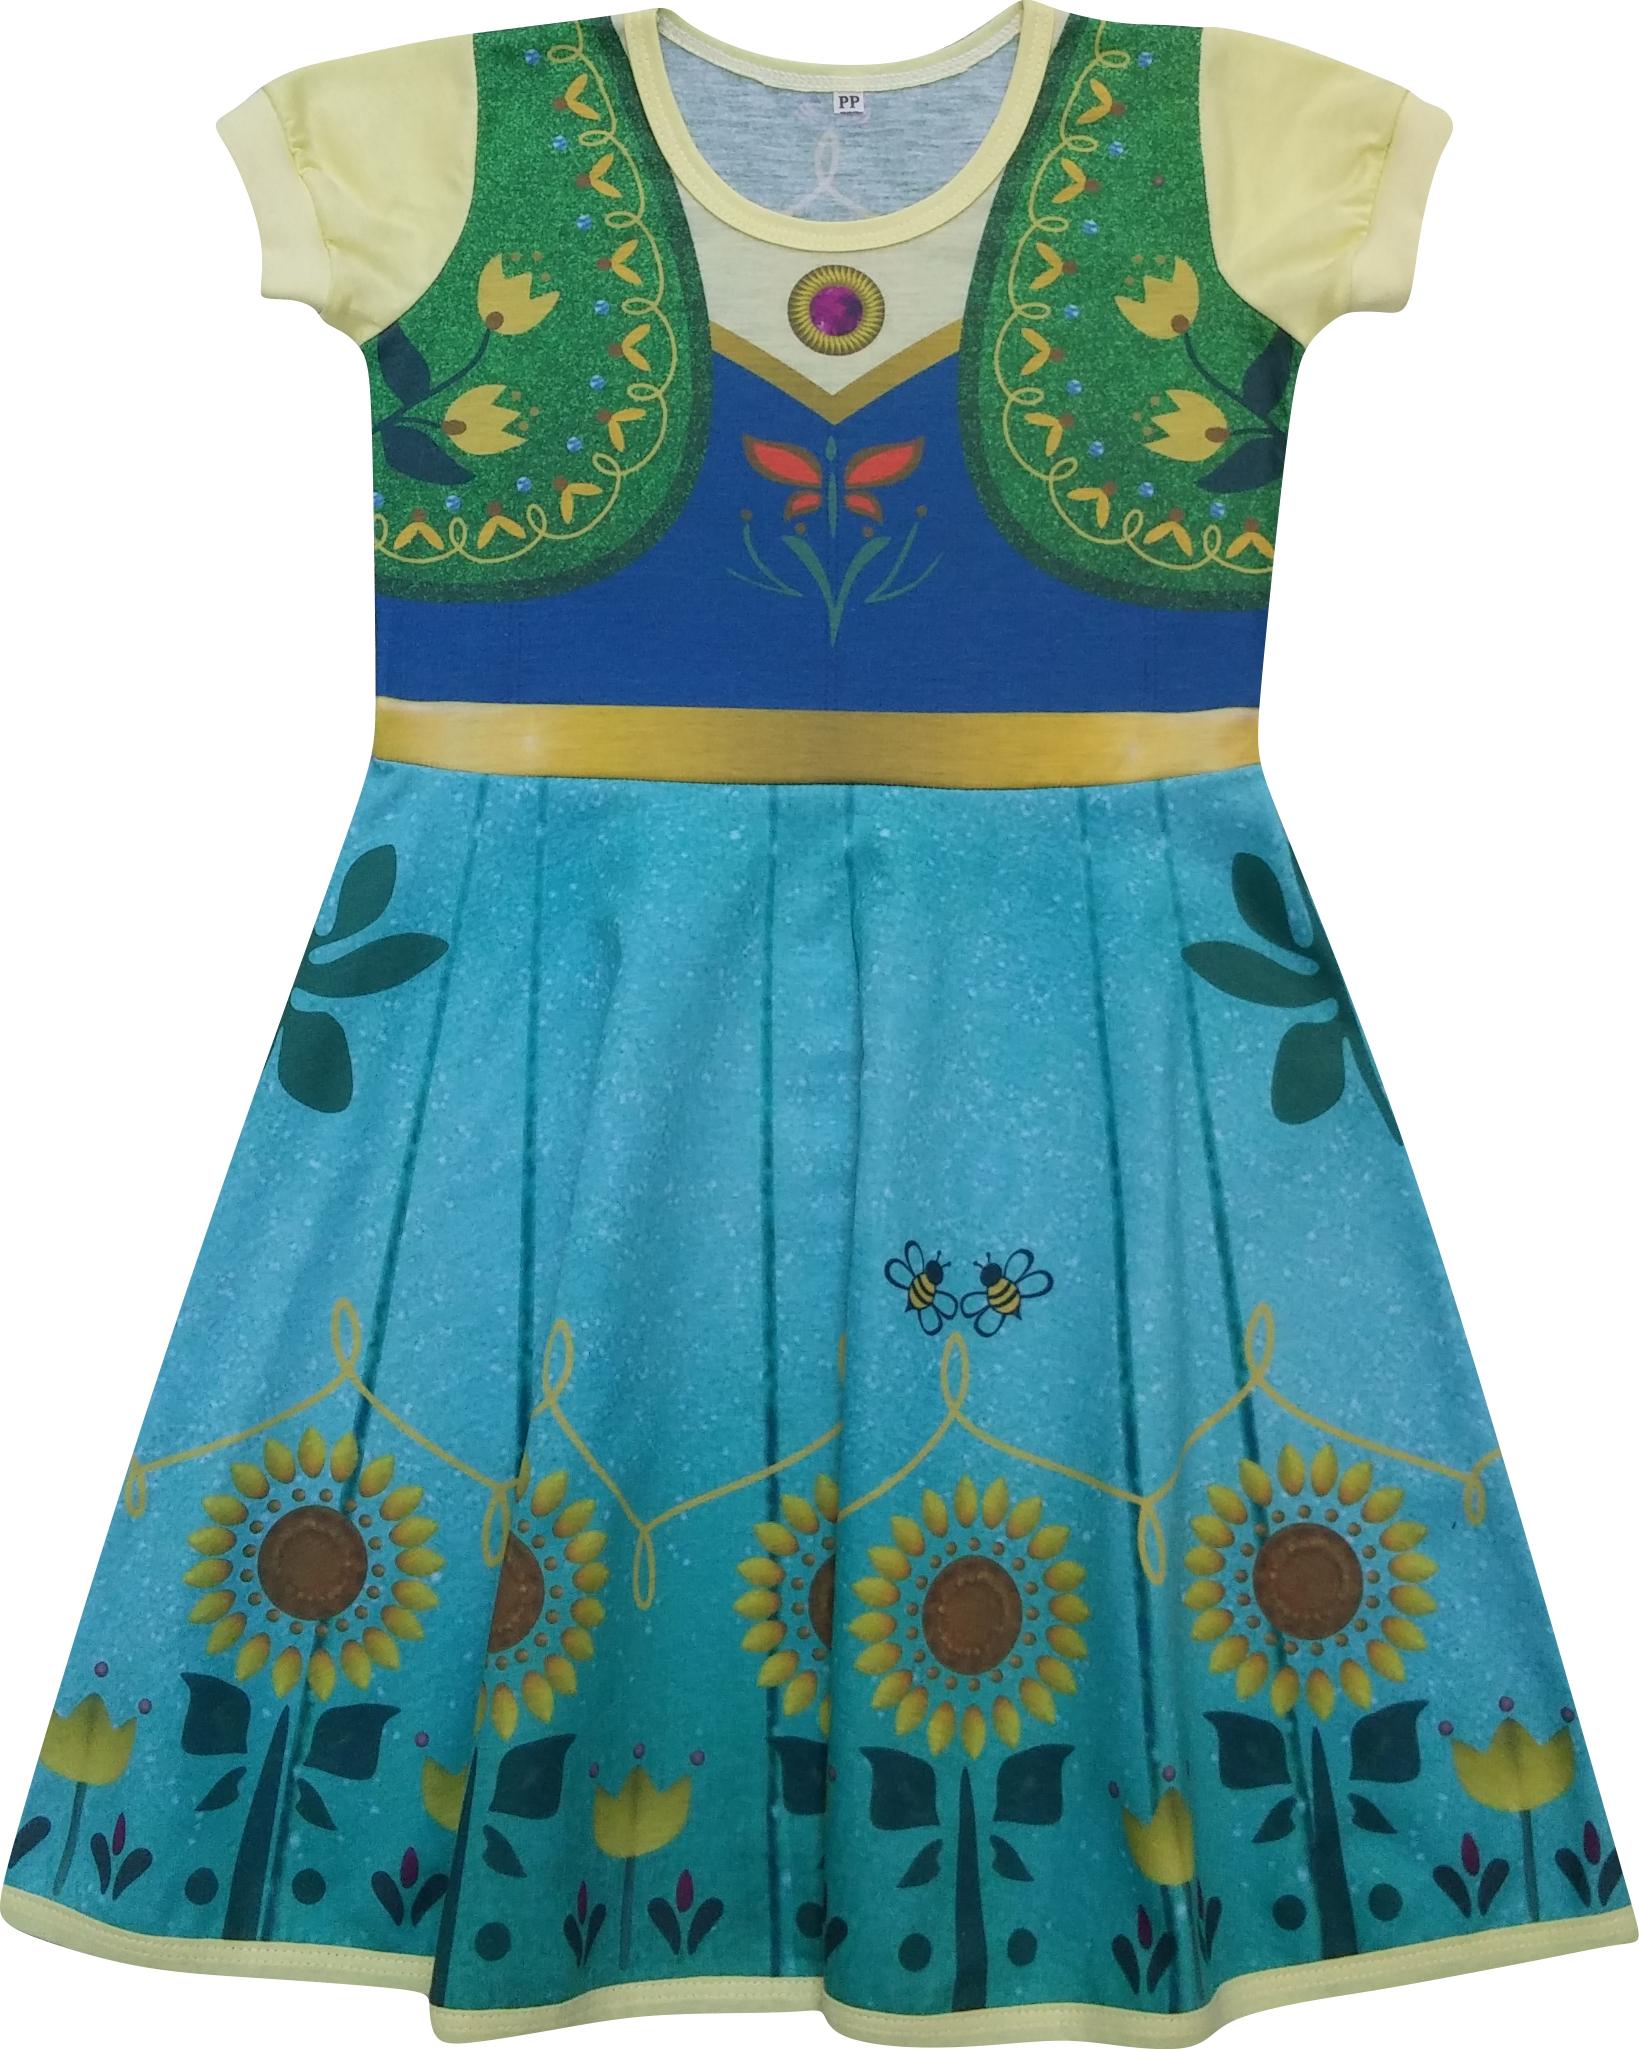 Vestido Da Frozen Infantil Elo7